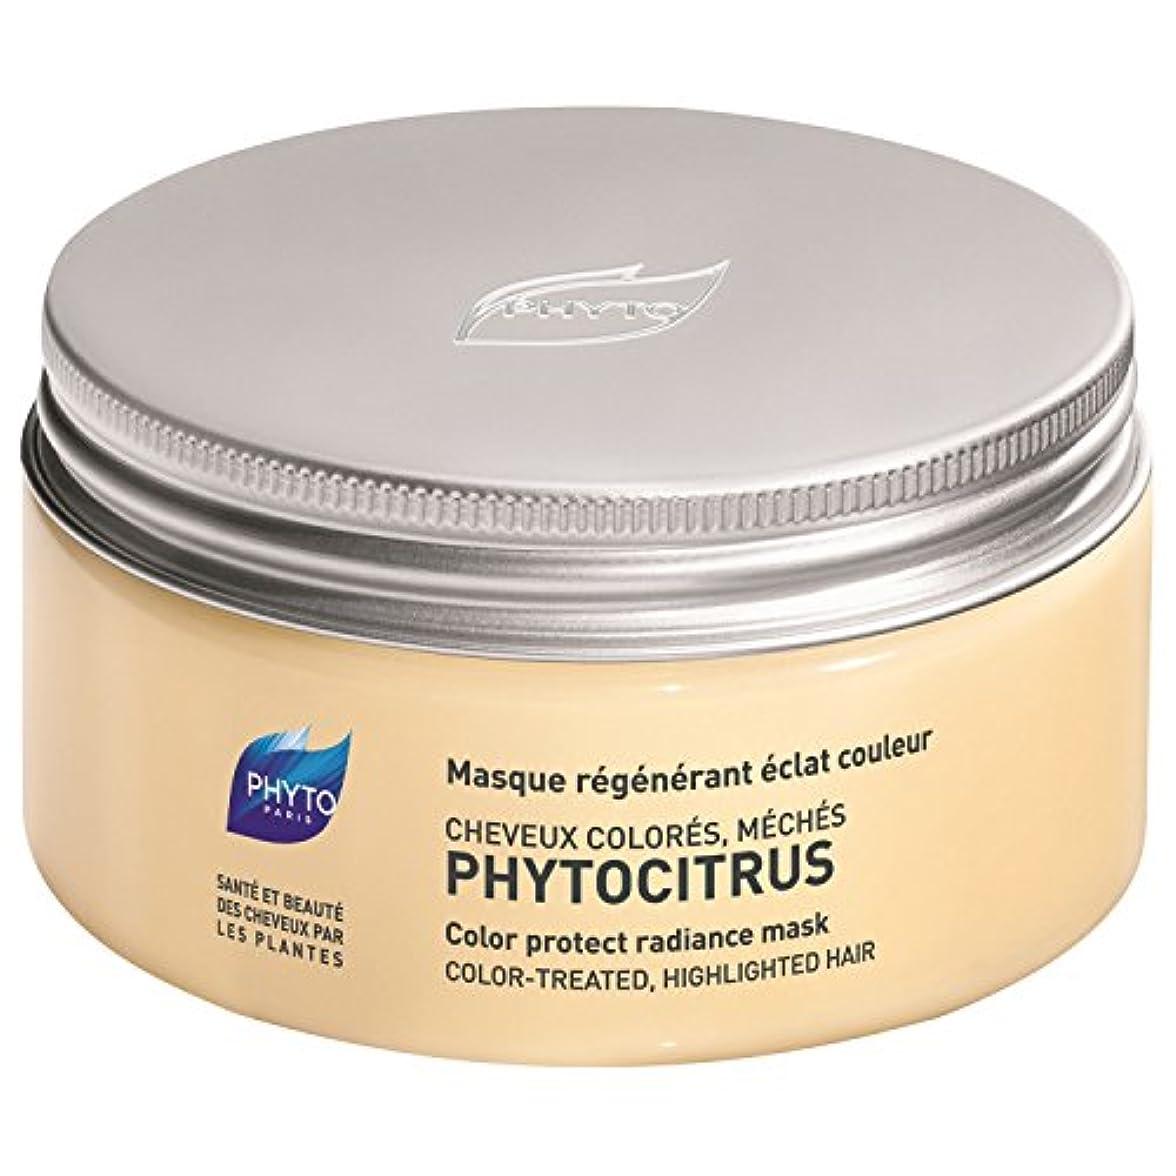 興奮単位気楽なフィトPhytocitrus色保護放射輝度マスク200ミリリットル (Phyto) (x6) - Phyto Phytocitrus Colour Protect Radiance Mask 200ml (Pack of...